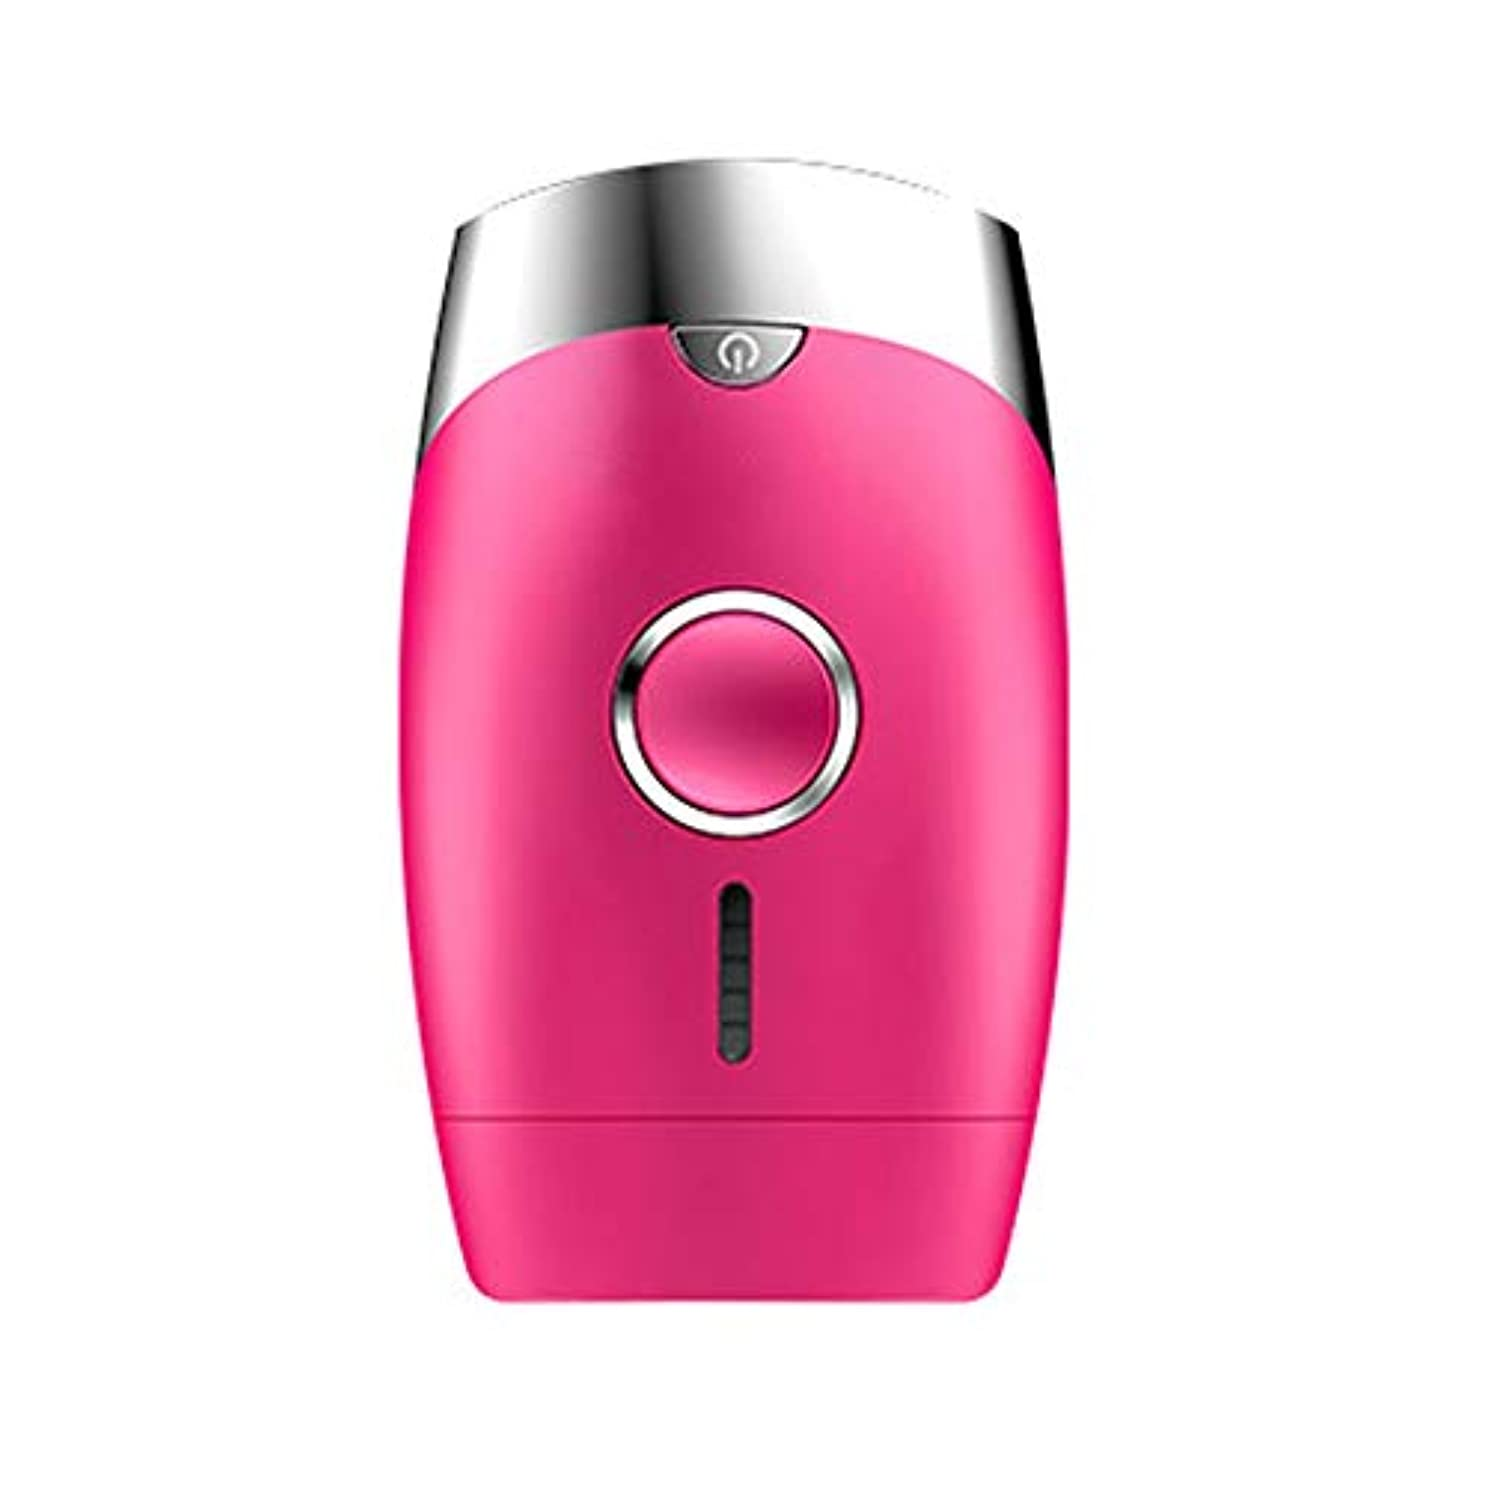 真実引っ張るシャックルピンク、5スピード調整、インテリジェント家庭用痛みのない凝固点ヘアリムーバー、シングルフラッシュ/連続フラッシュ、サイズ13.9 X 8.3 X 4.8 Cm 安全性 (Color : Pink)